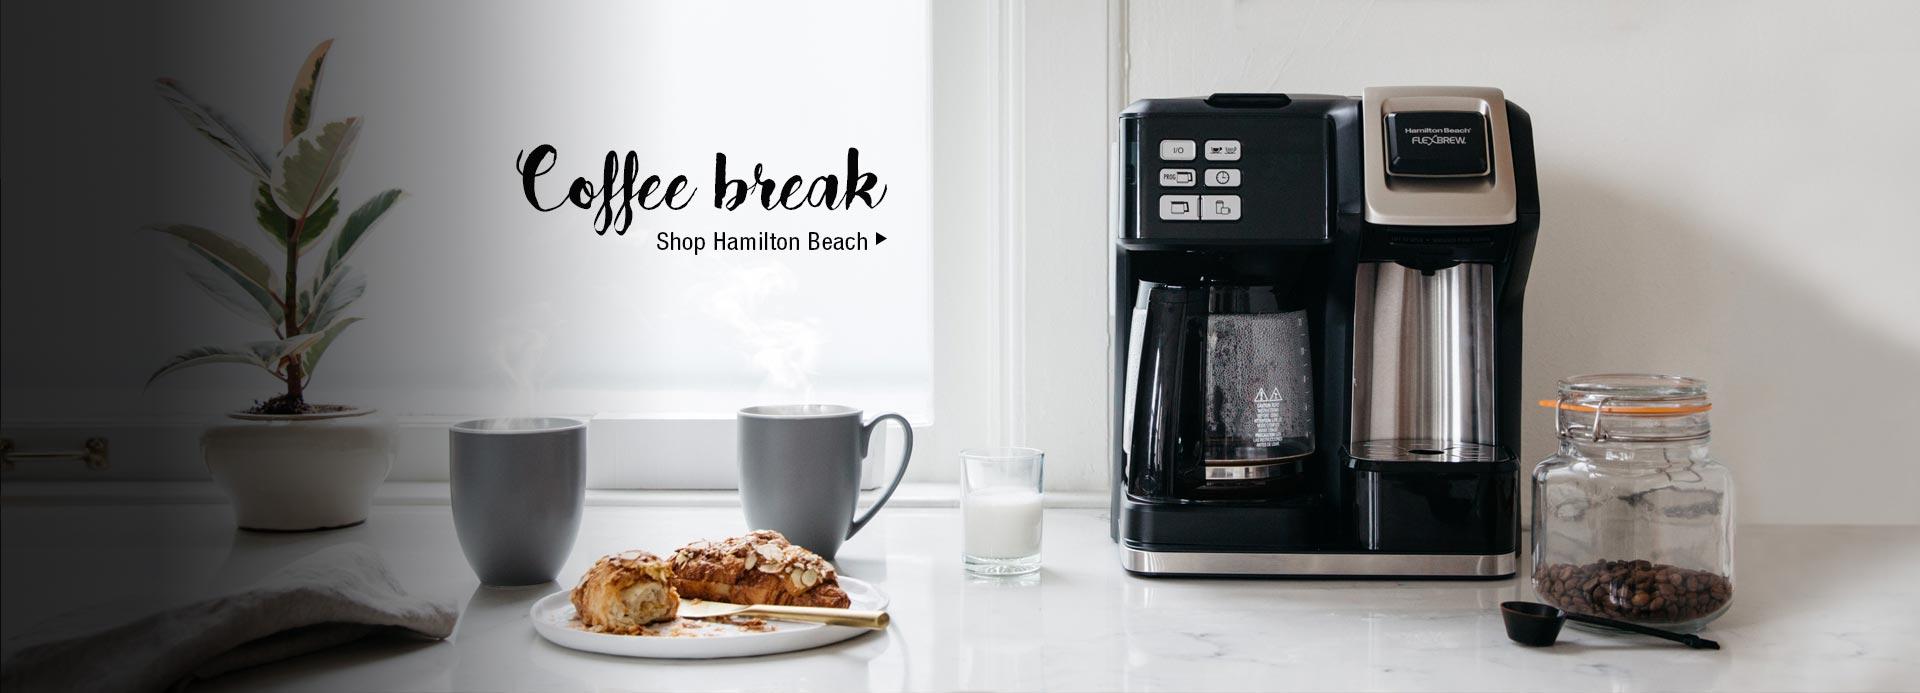 Amazon.com: Coffee, Tea & Espresso: Home & Kitchen: Tea Accessories ...